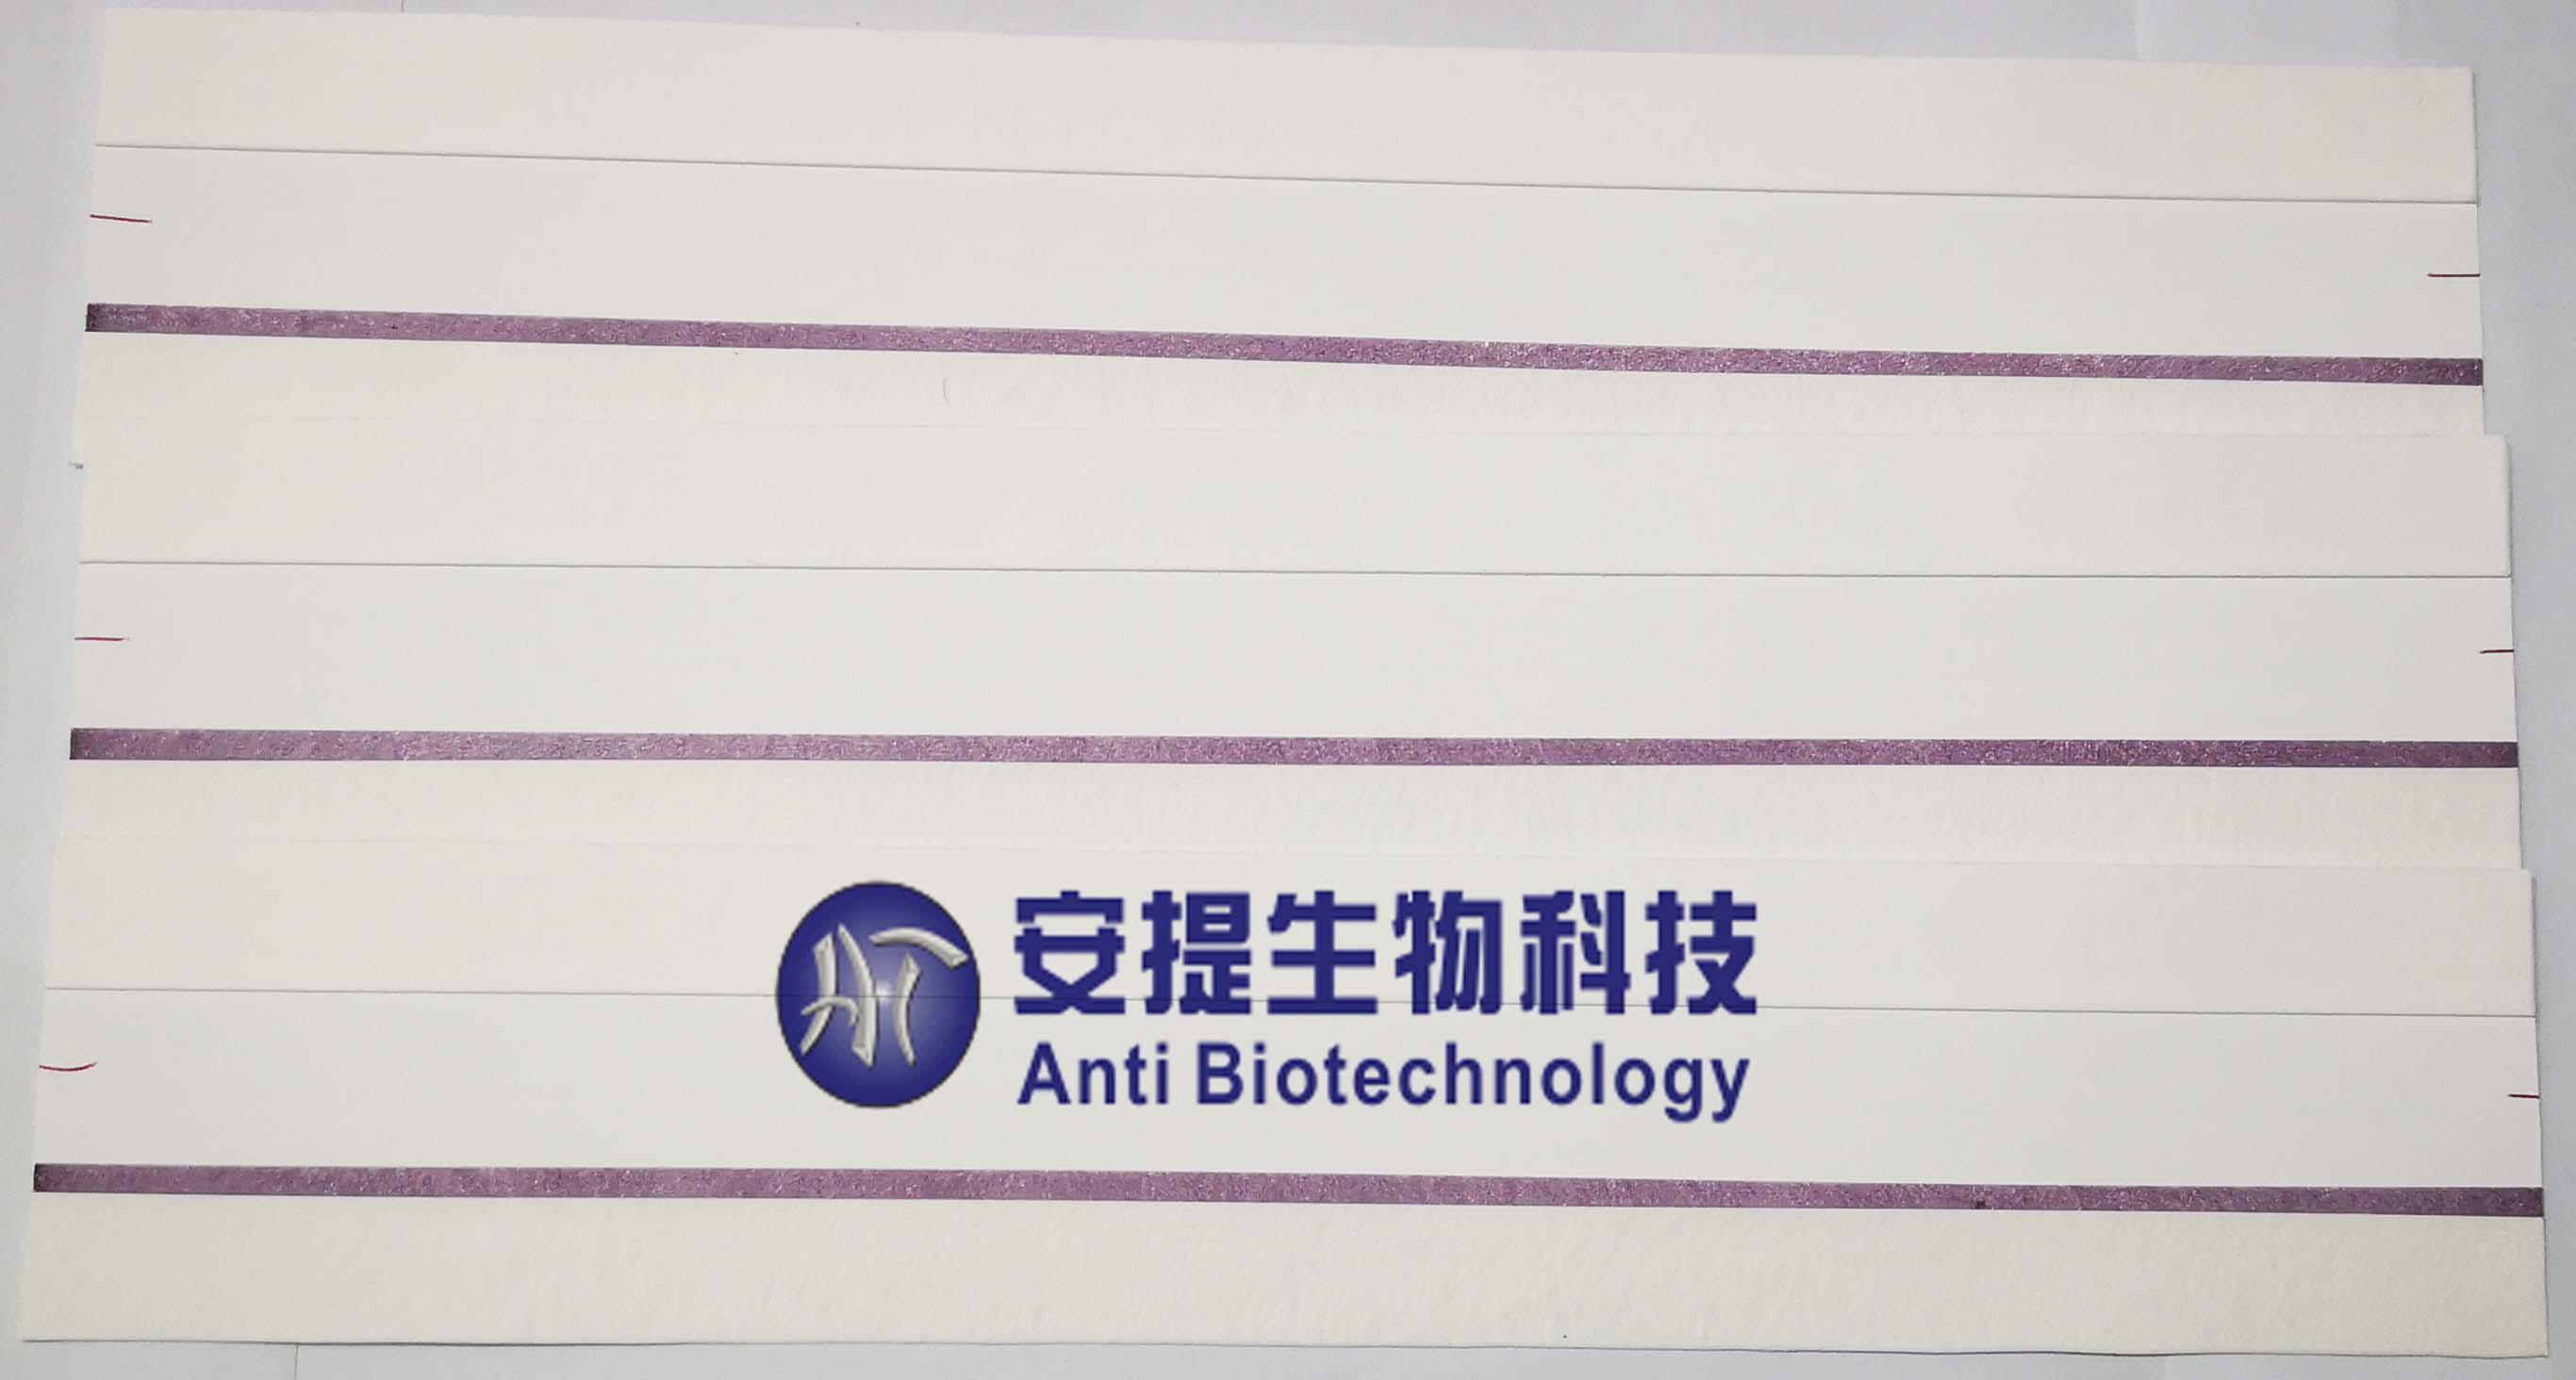 Brucella Ab 布鲁斯杆菌抗体检测卡 布鲁斯杆菌抗体试纸 布鲁斯杆菌抗体半成品 布鲁斯杆菌抗体大板